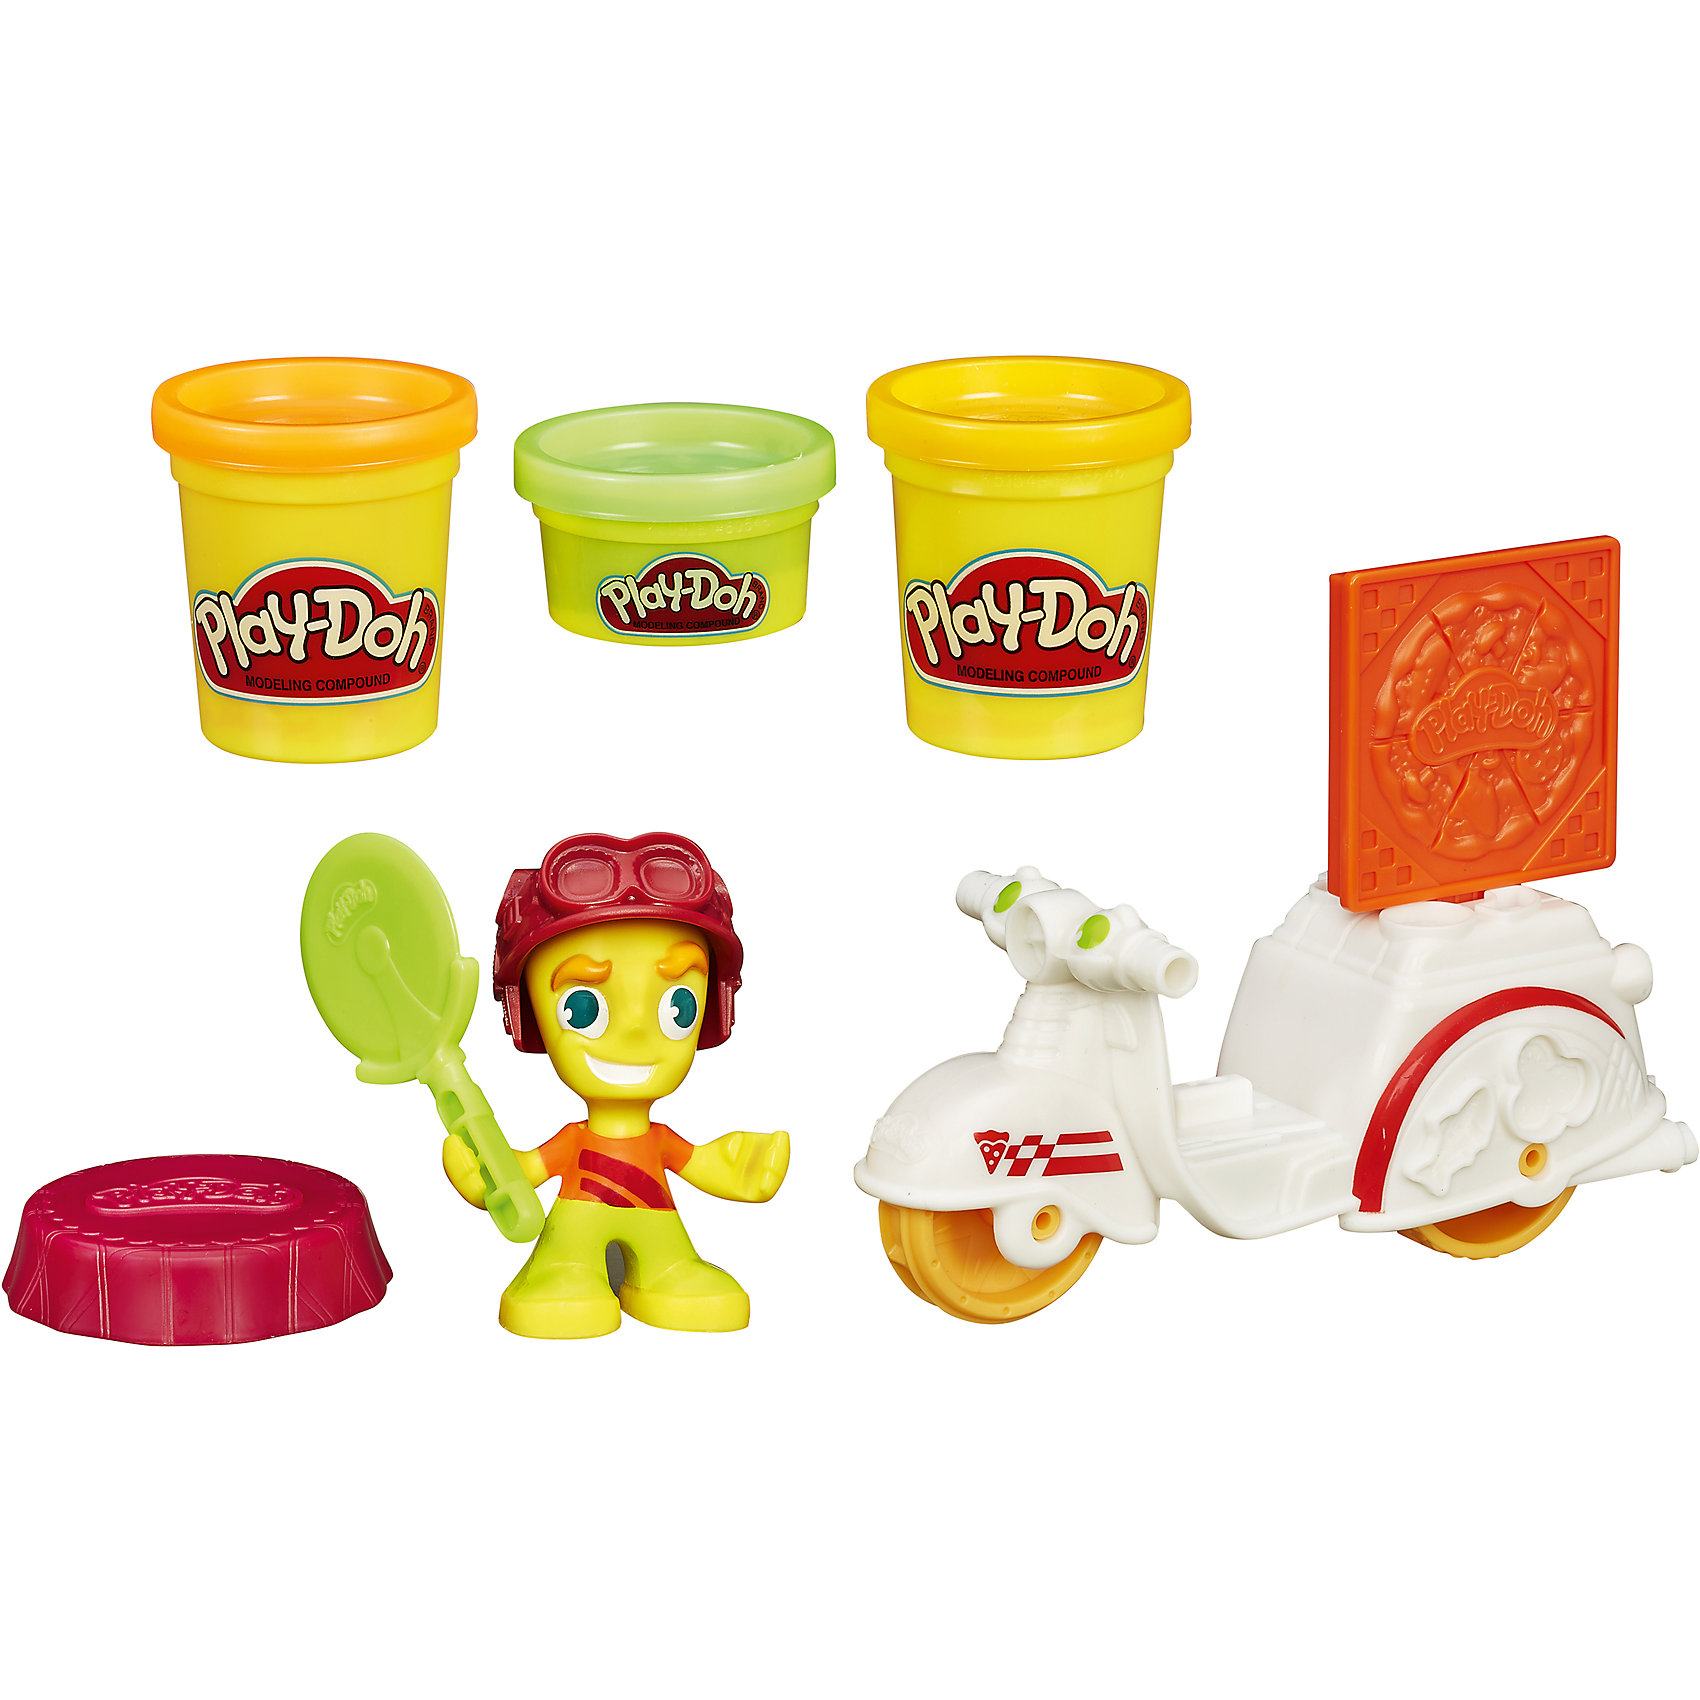 Hasbro Игровой набор Транспортные средства, #1 (белый), Play-Doh Город hasbro игровой набор магазинчик домашних питомцев play doh город